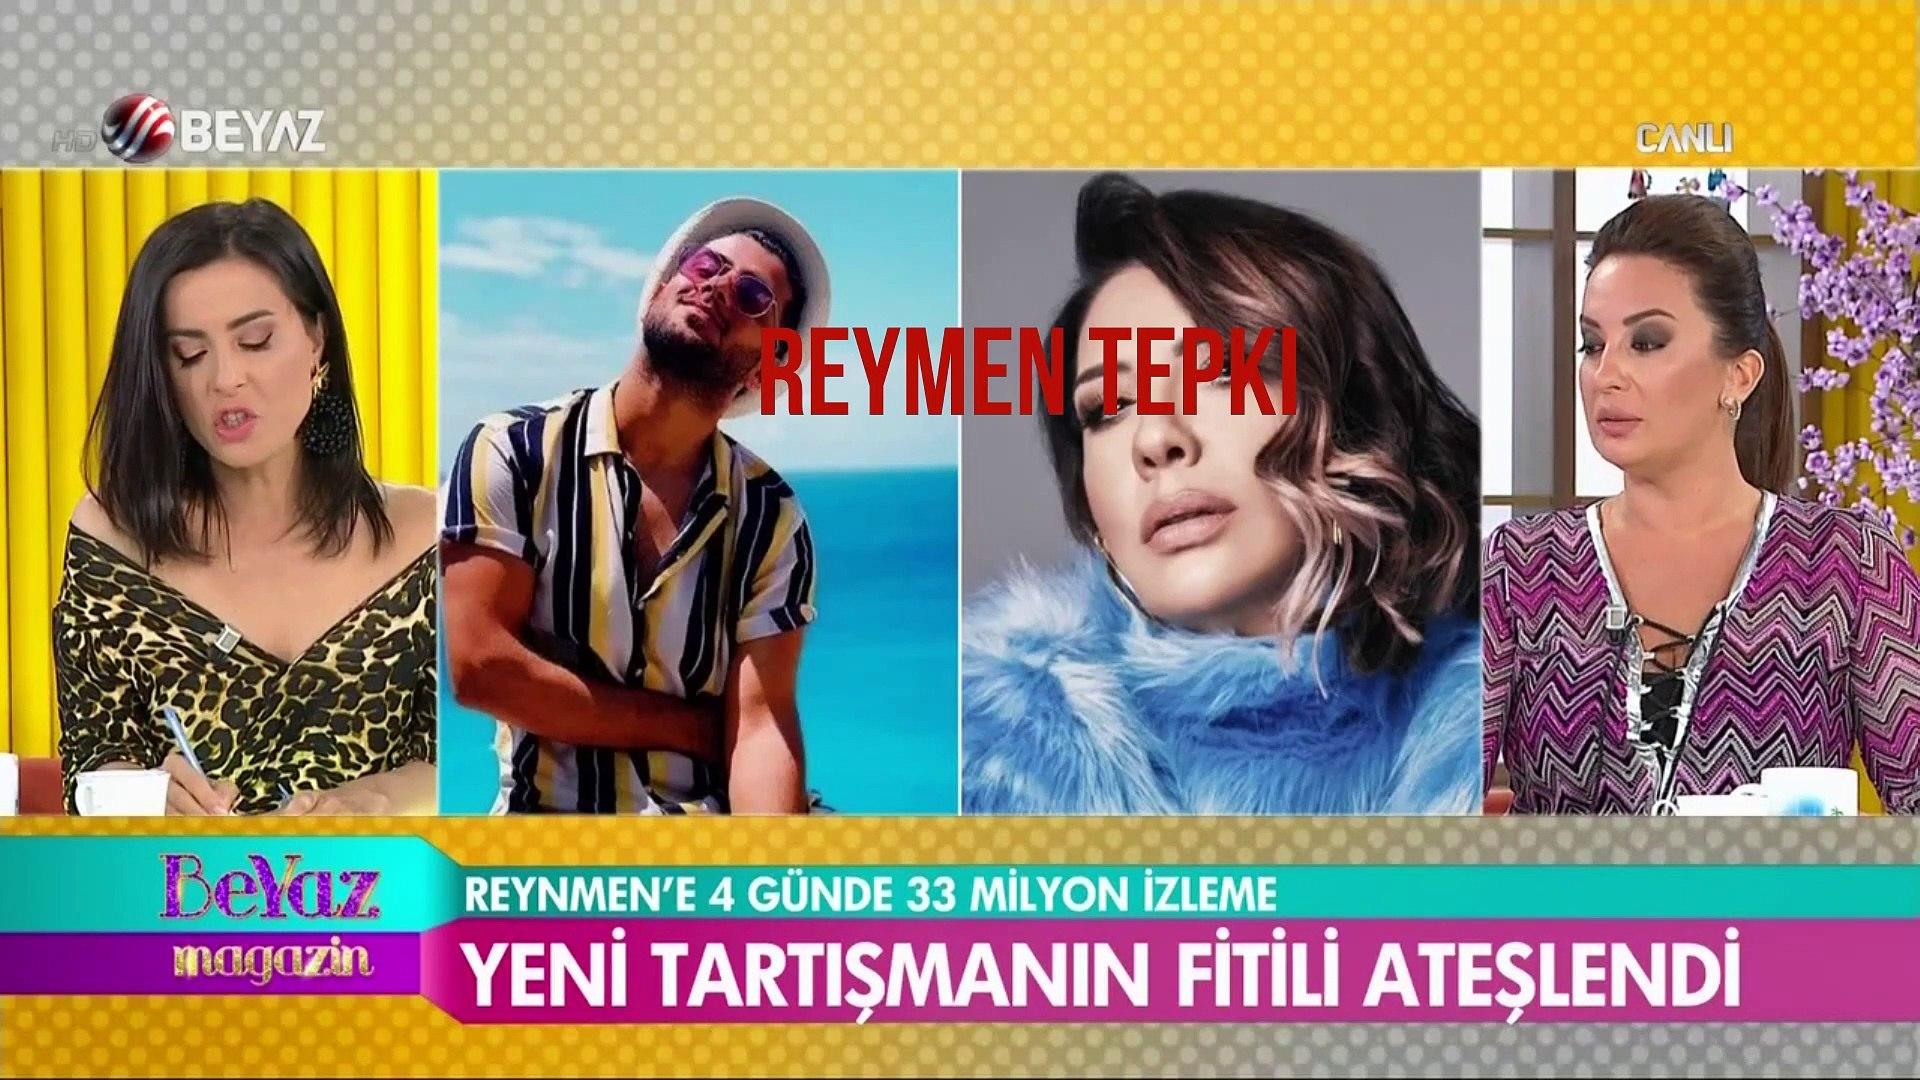 BEYAZ TV - Reynmen'e rekor tepkisi! Aleyna Tilki, Demet Aklalın ve Işın Karaca'dan tepki